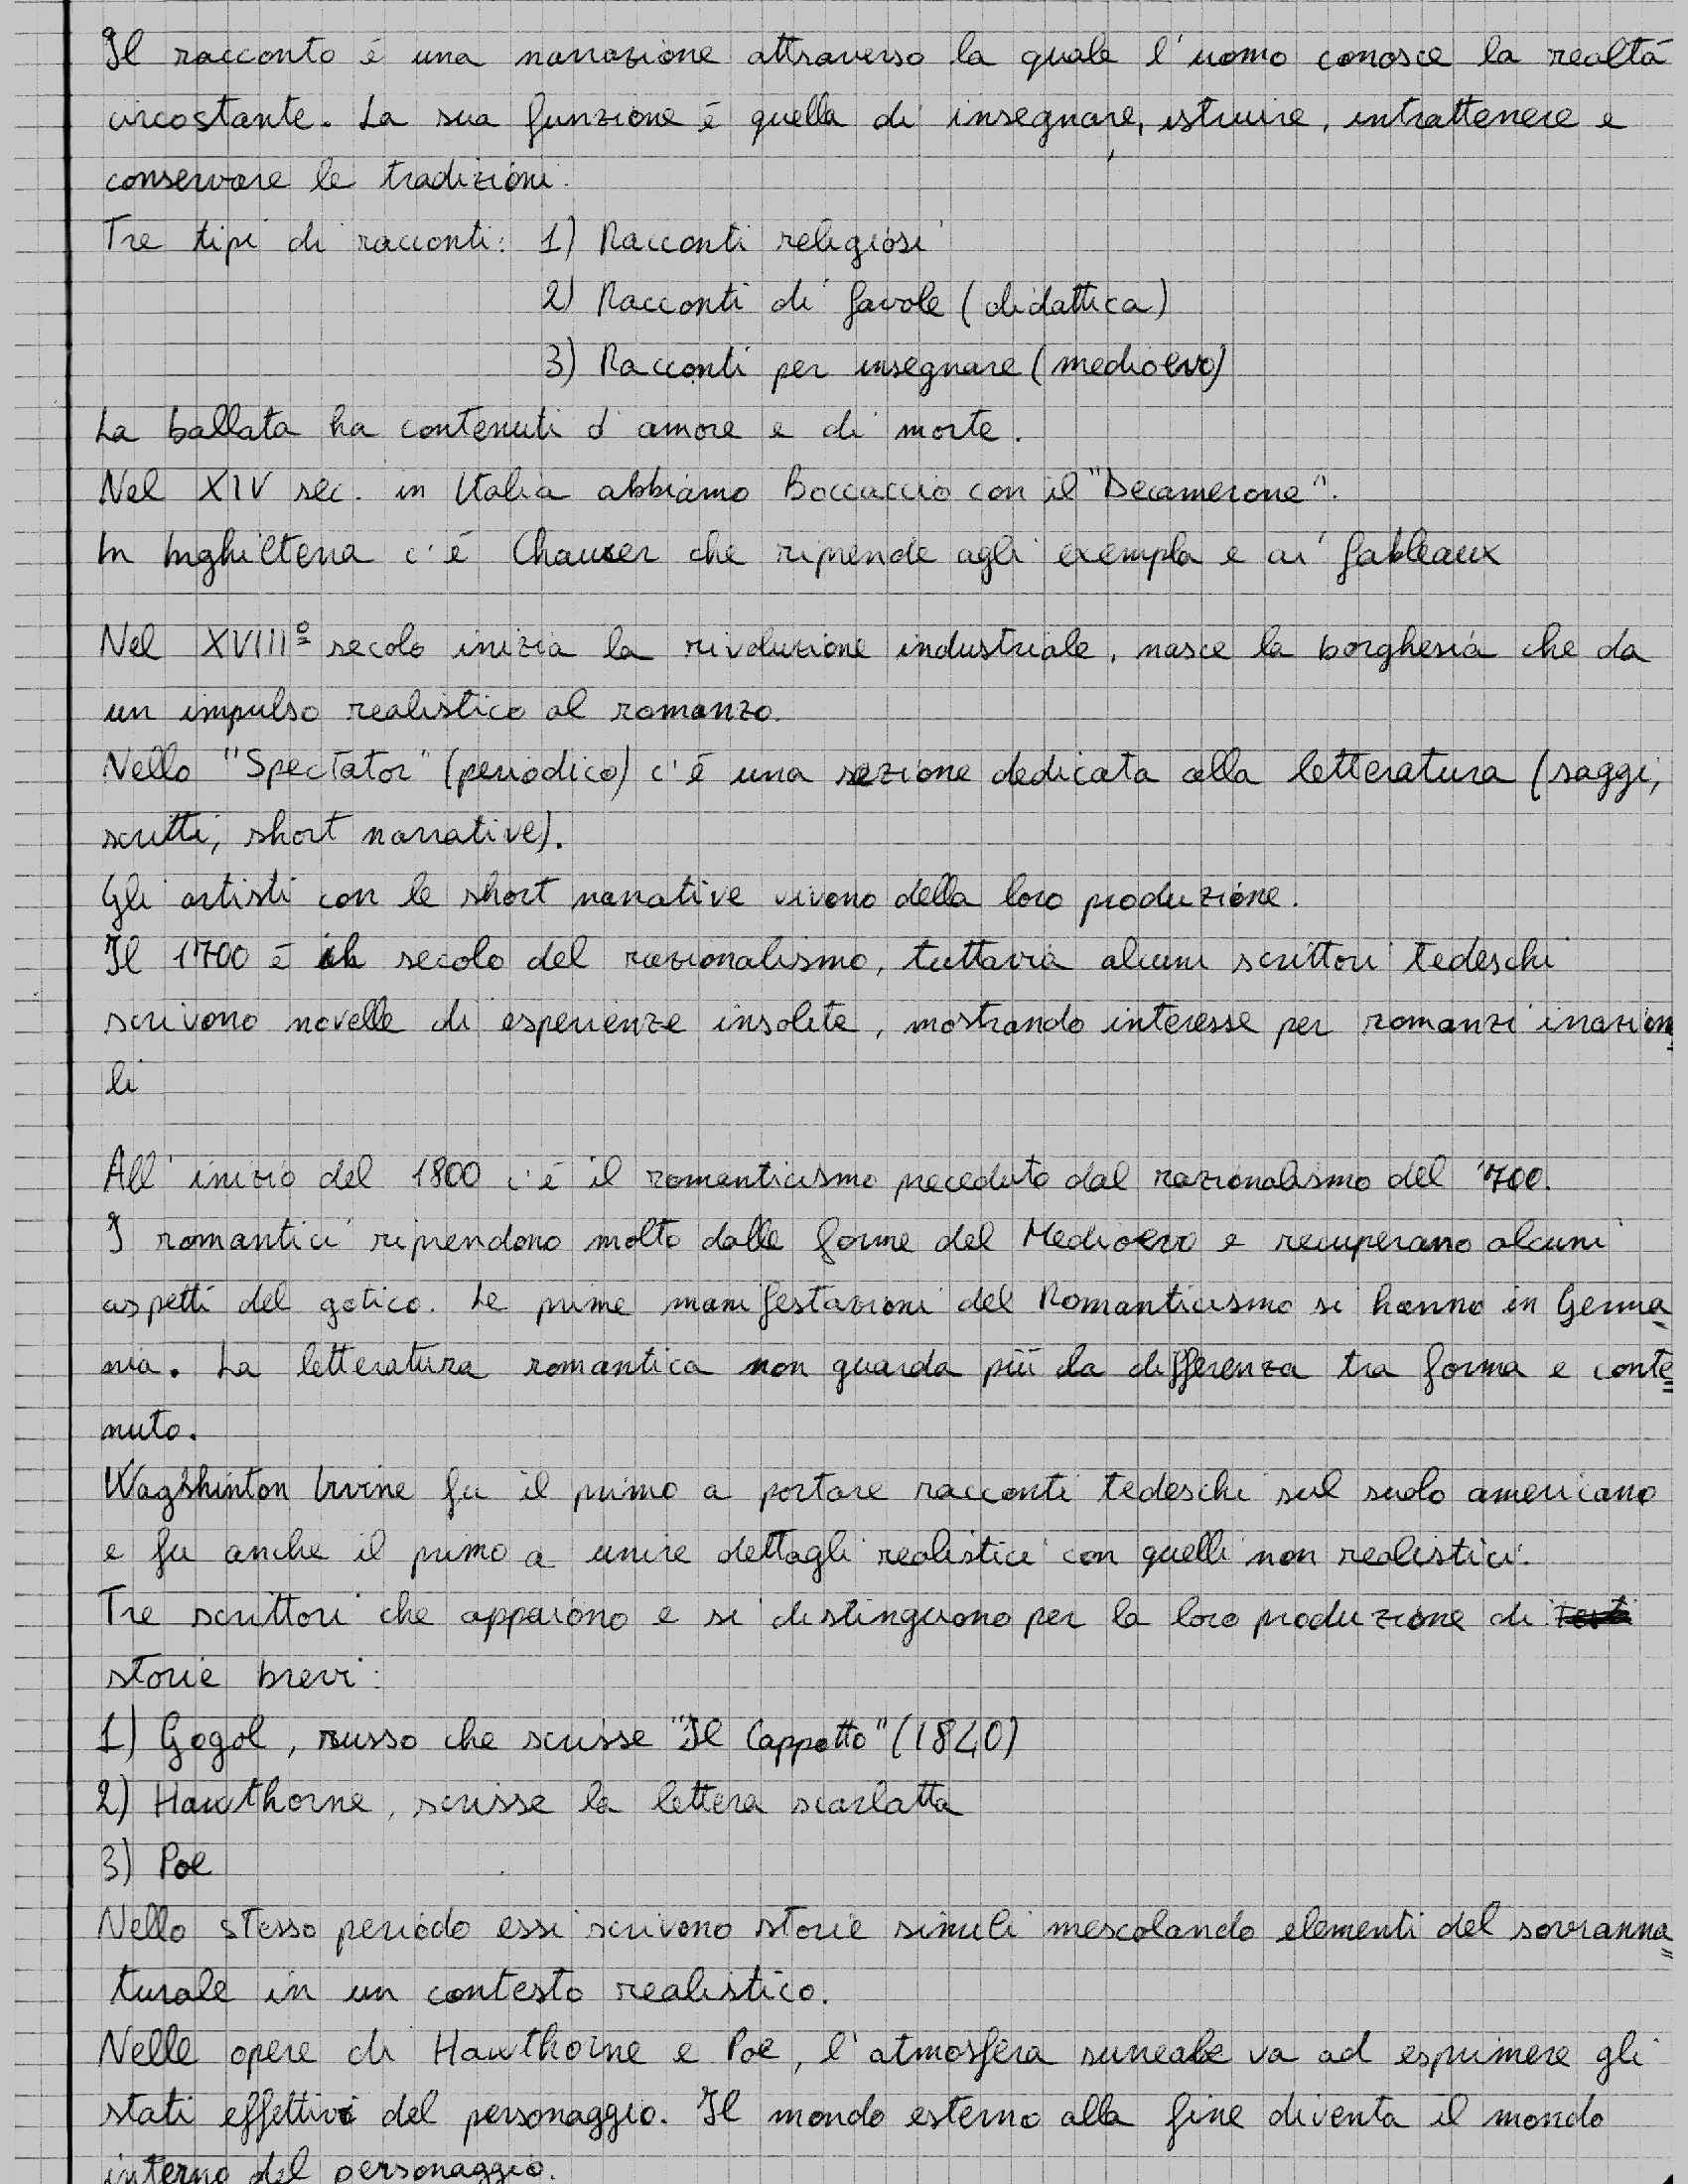 Letteratura inglese - Appunti